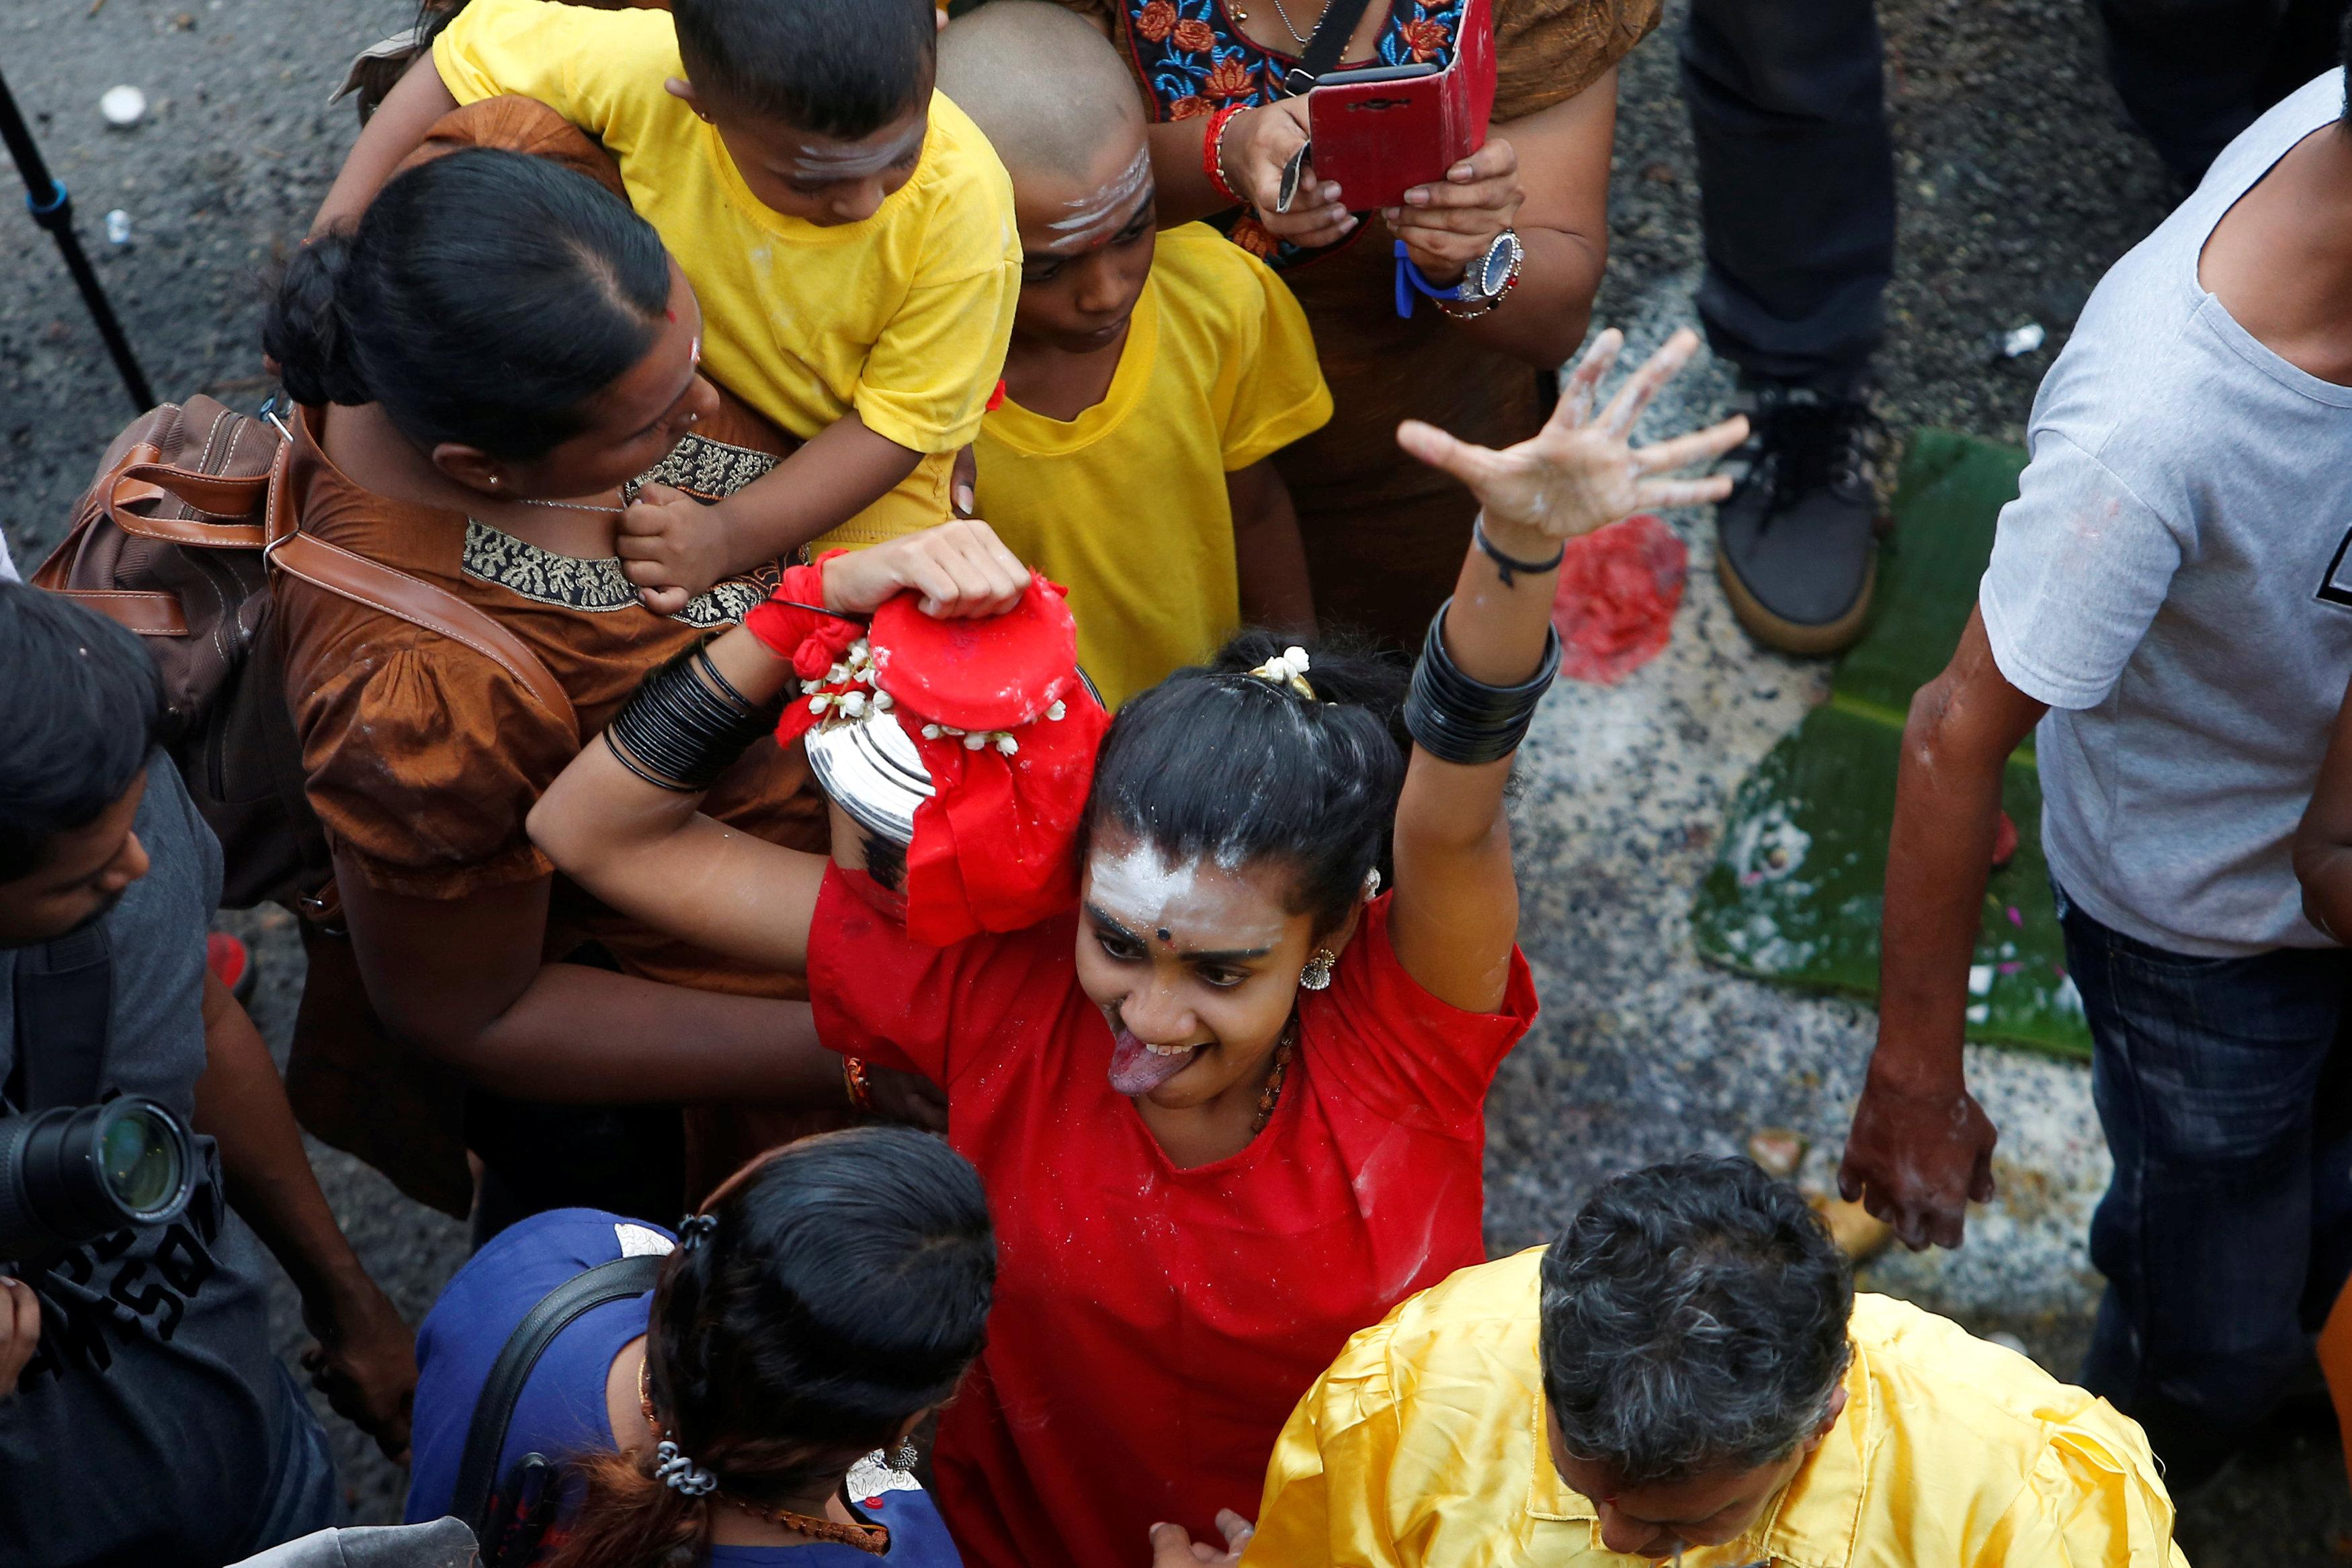 احتفالات دموية فى ماليزيا  (6)